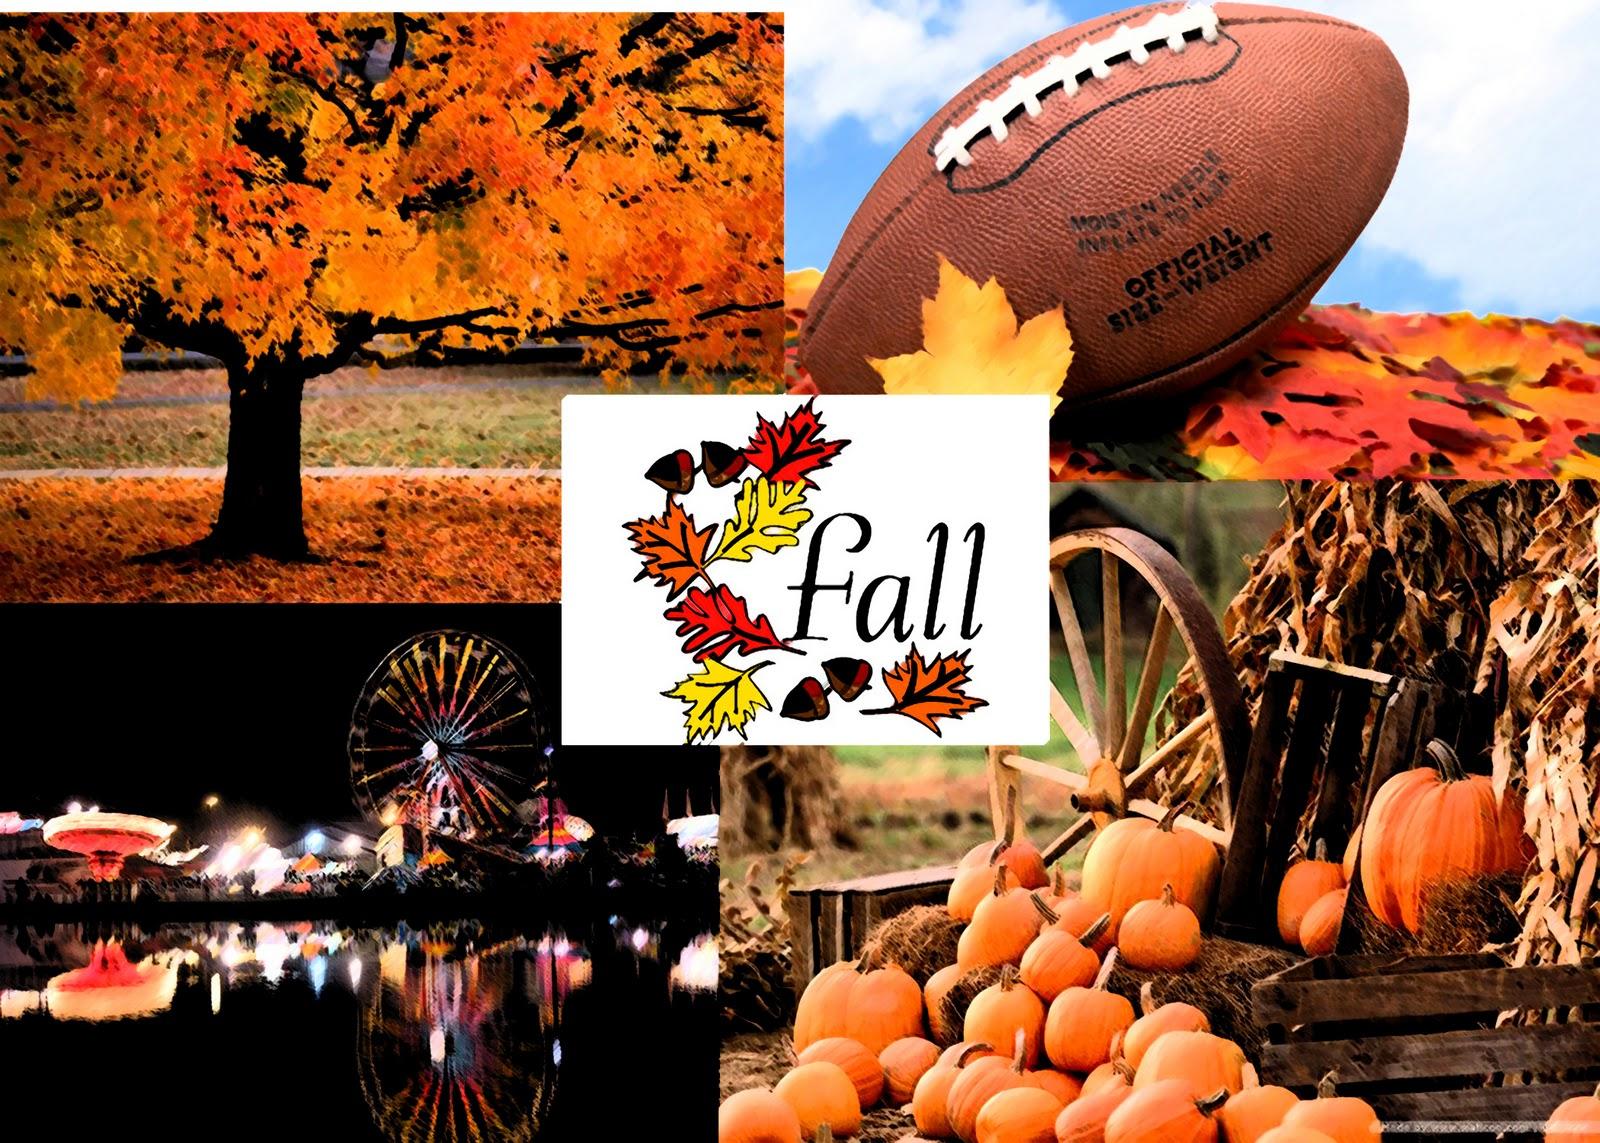 Southern By God S Grace It S Fall Y All Pumpkin Ooey